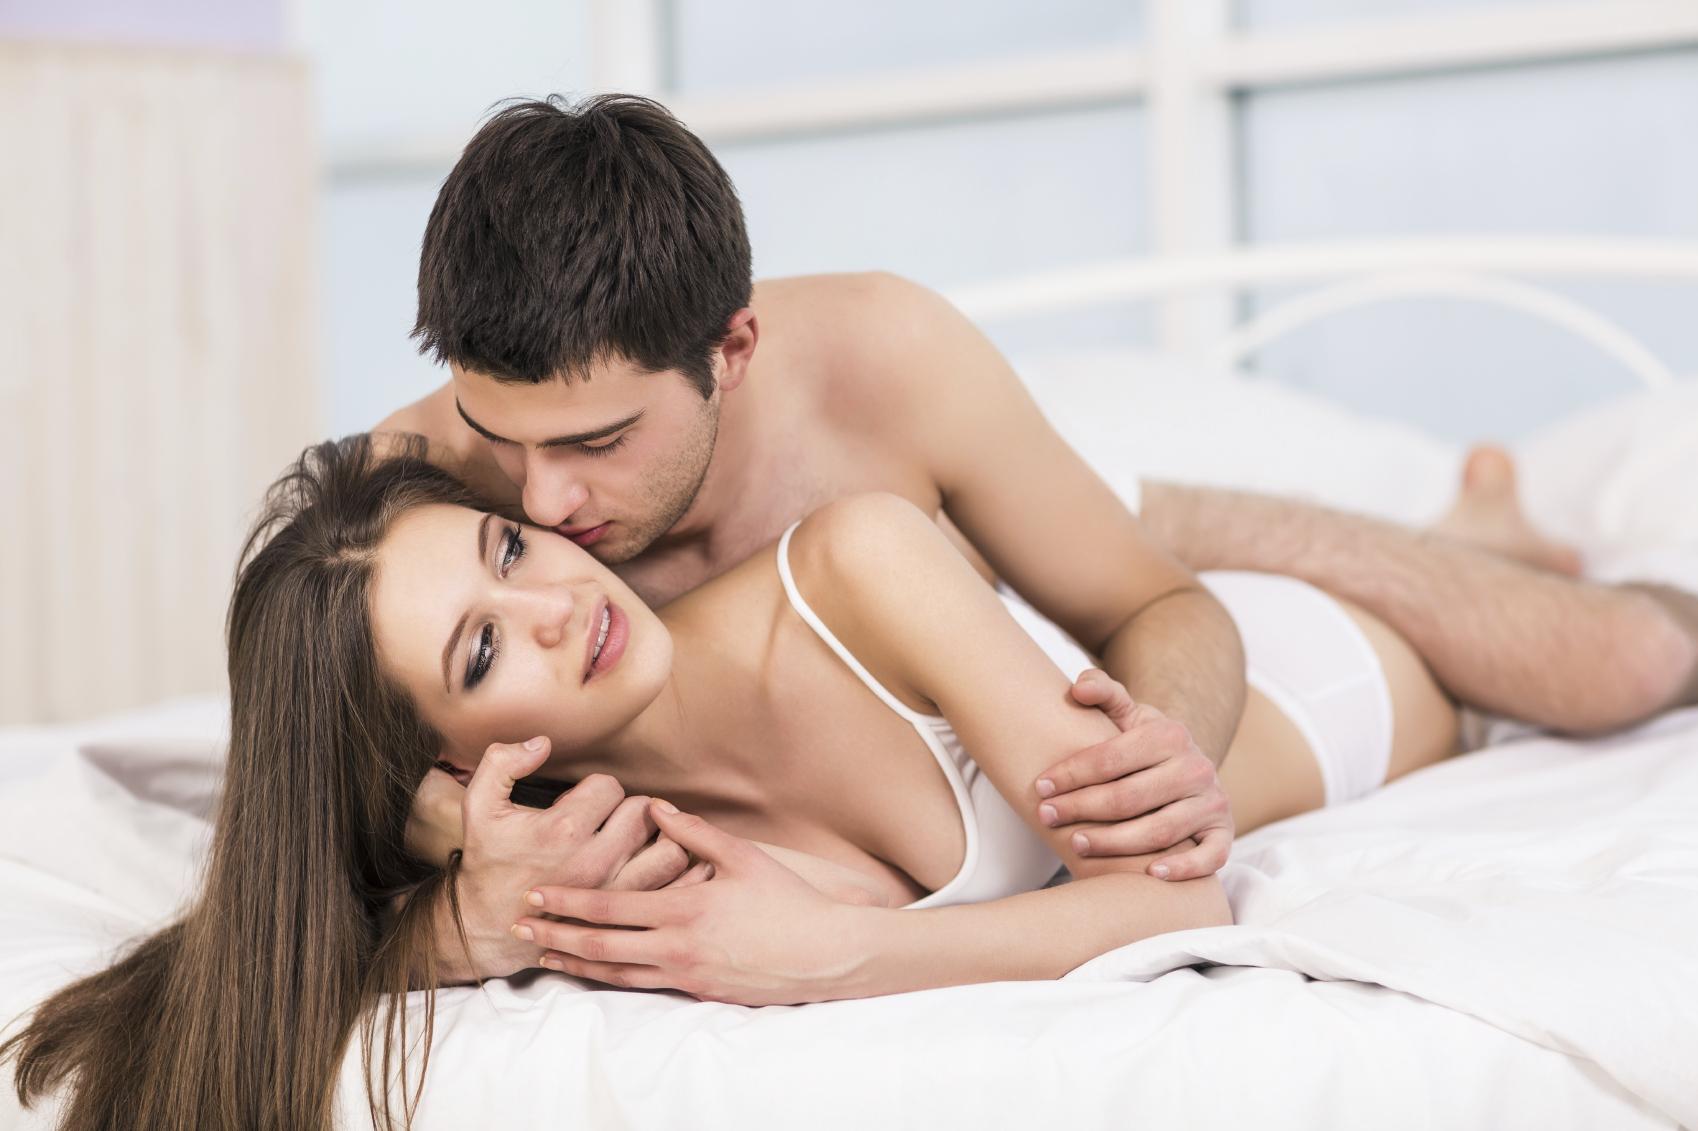 Как ублажить мужа видео смотреть